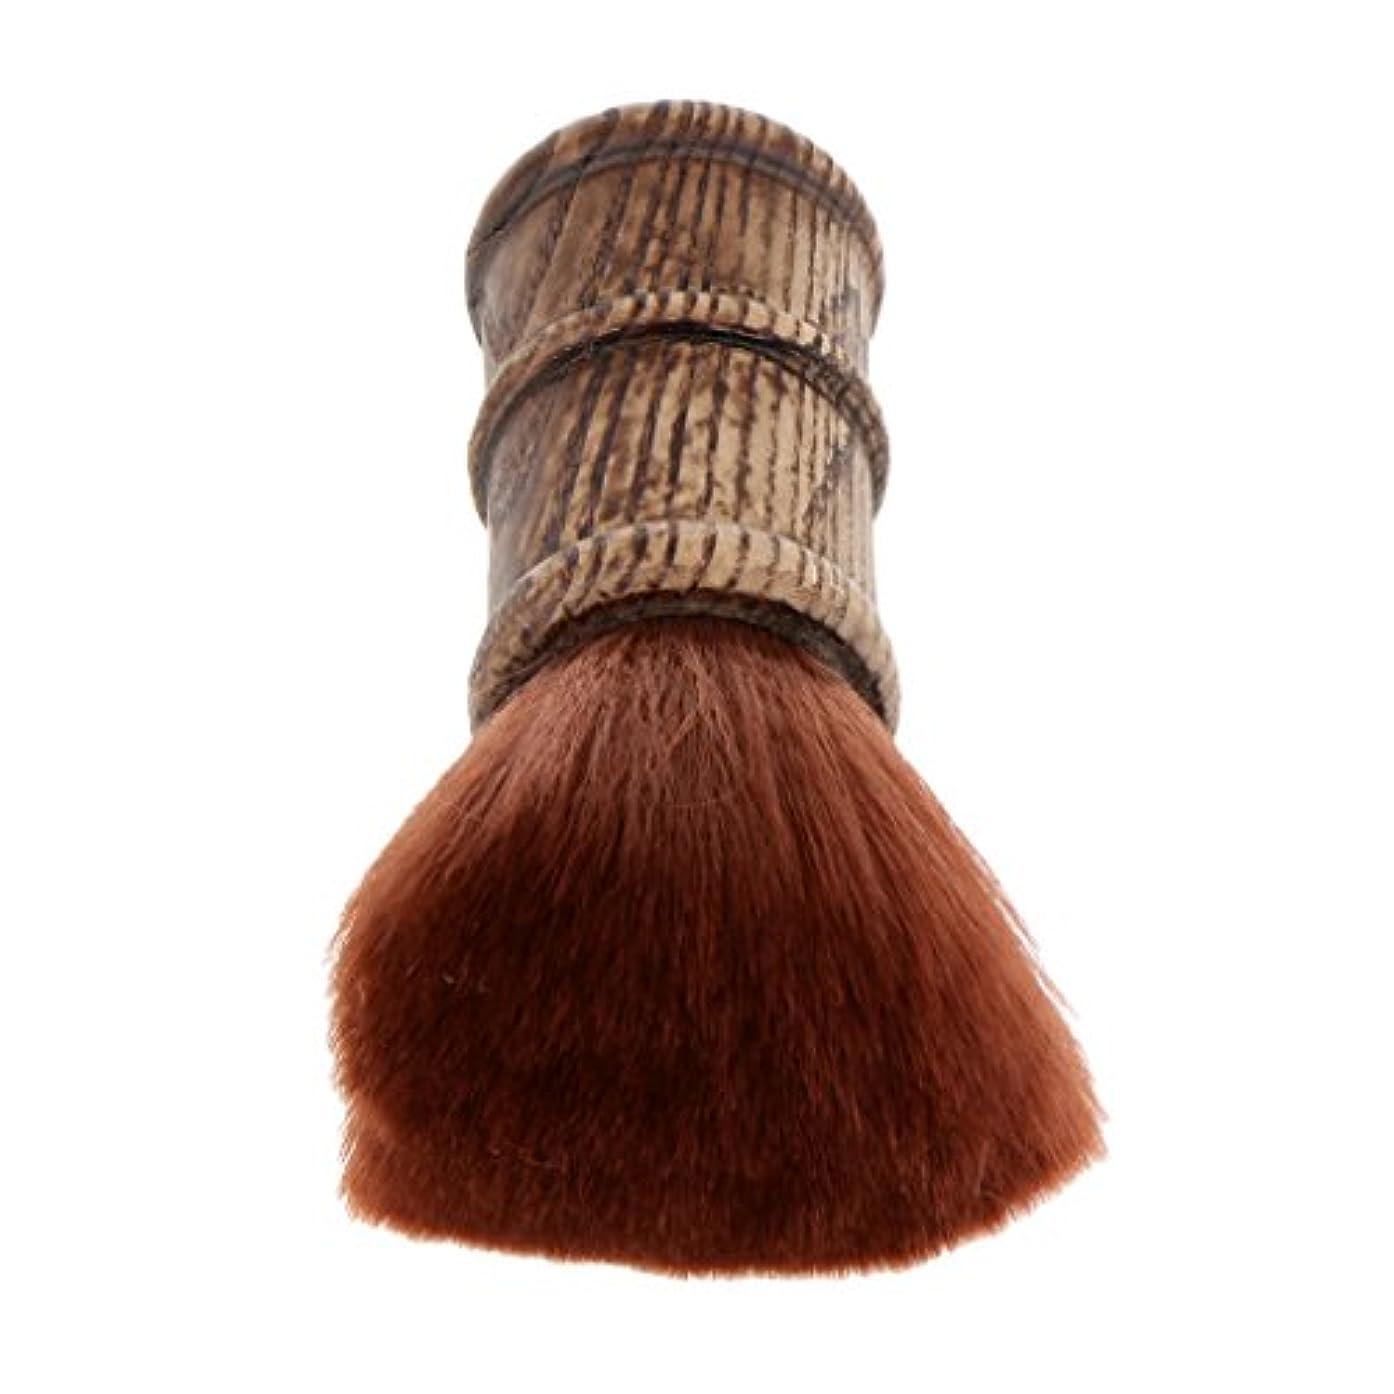 エゴマニアぬるいペフネックダスターブラシ ヘアカットブラシ ブラシ プロ サロン 柔らかい 自宅用 ヘアスタイリスト ヘアカット 散髪 理髪師 2色選べる - 褐色